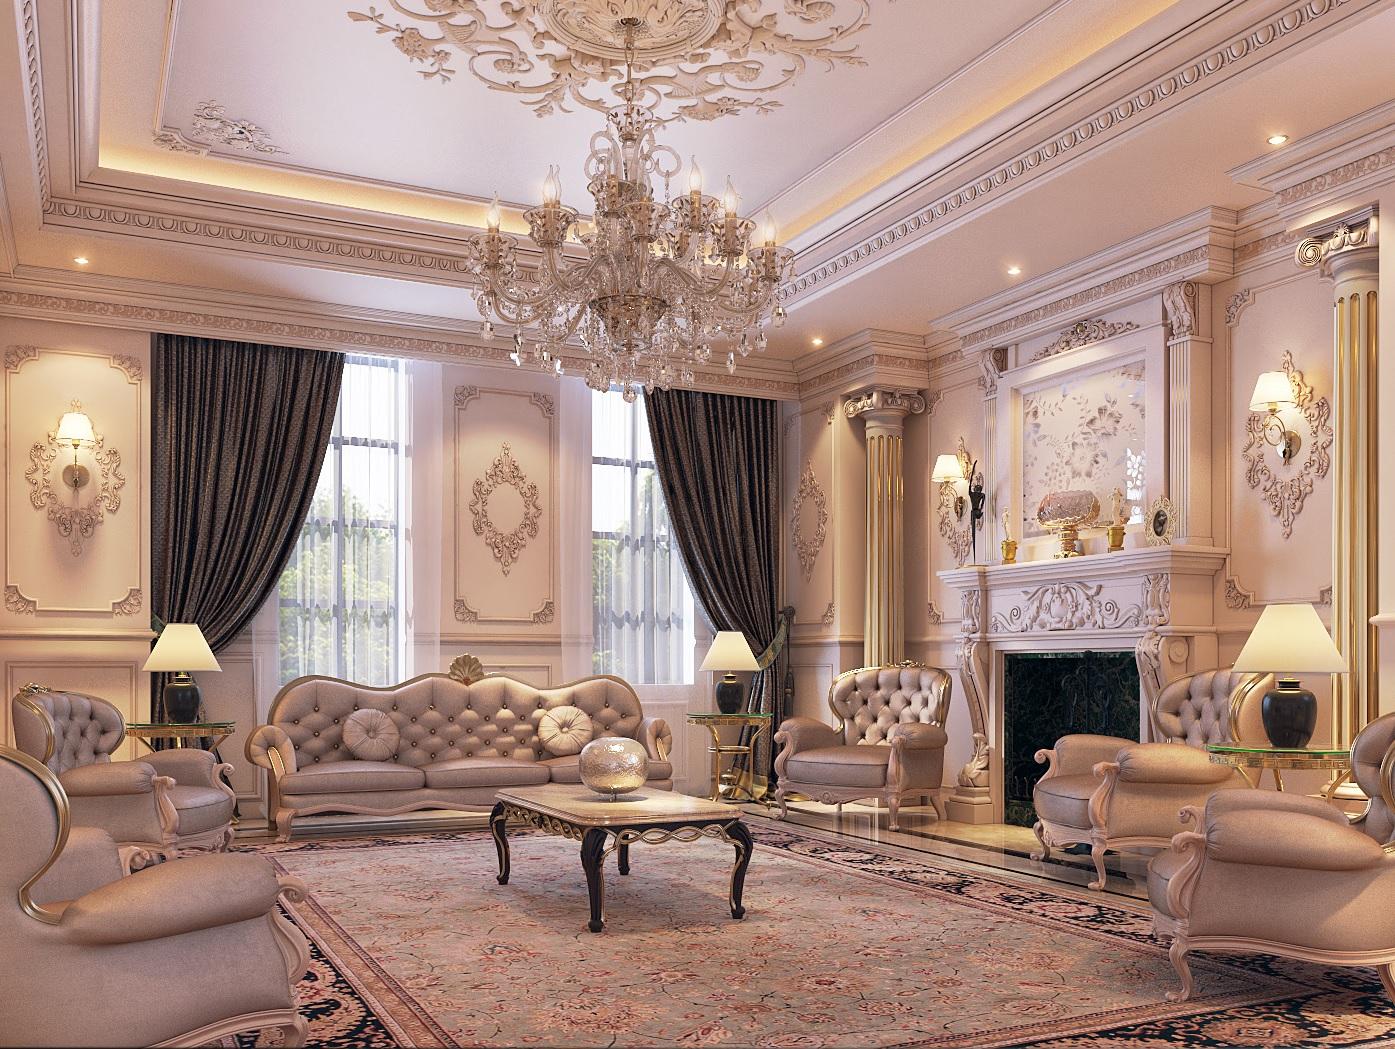 Mẫu nội thất biệt thự cổ điển hoàng gia-2